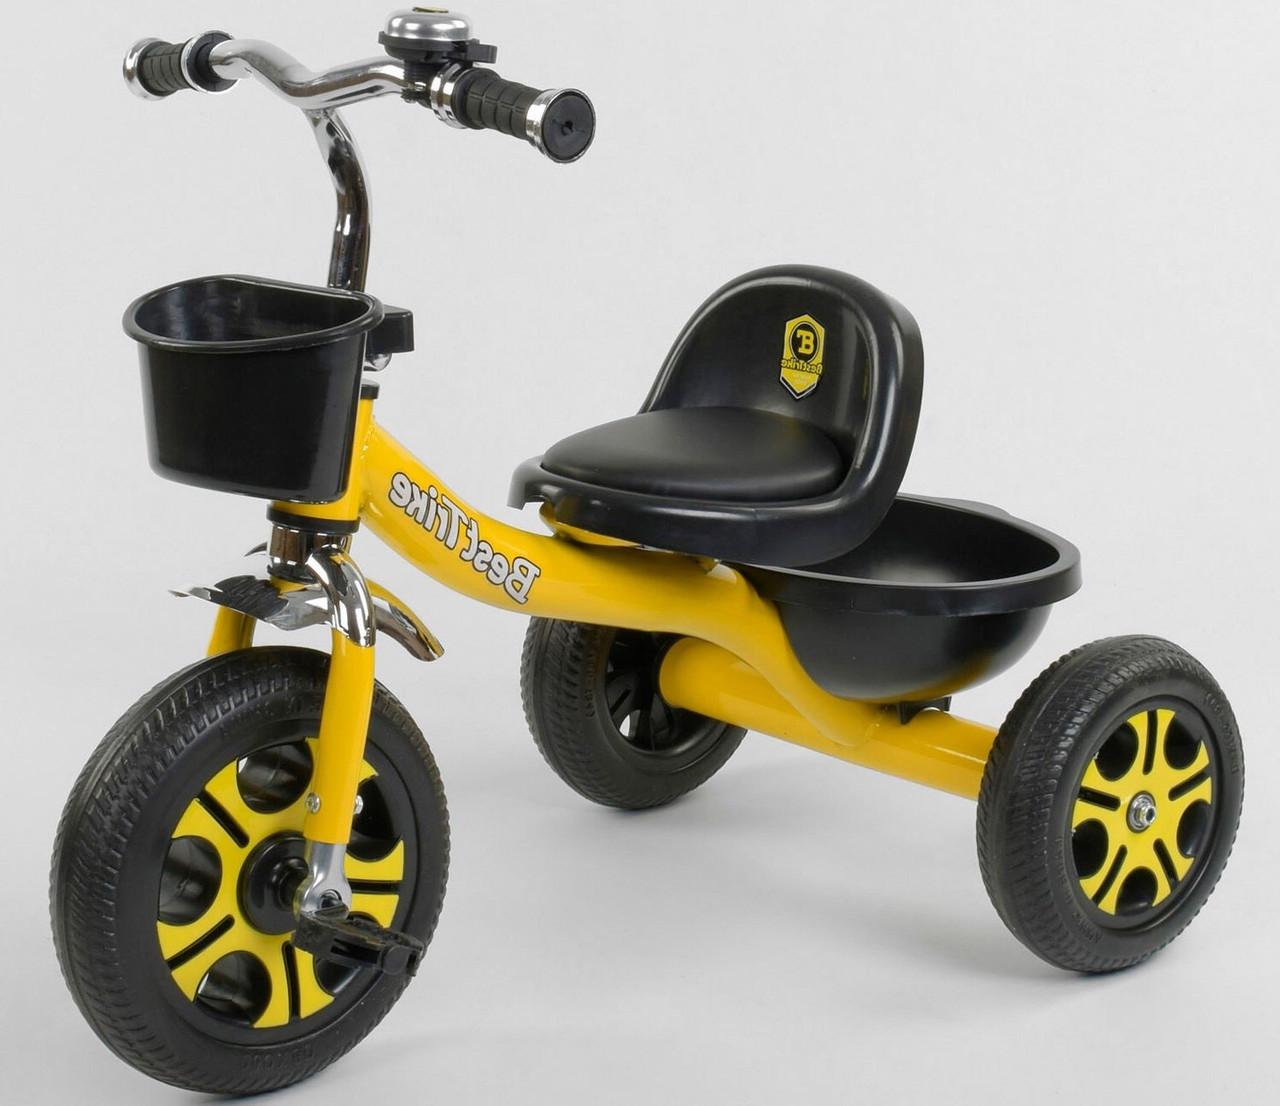 Детский трехколесный велосипед, Eva колеса, звоночек, 2 корзины, металлическая рама, Best Trike LM-9033